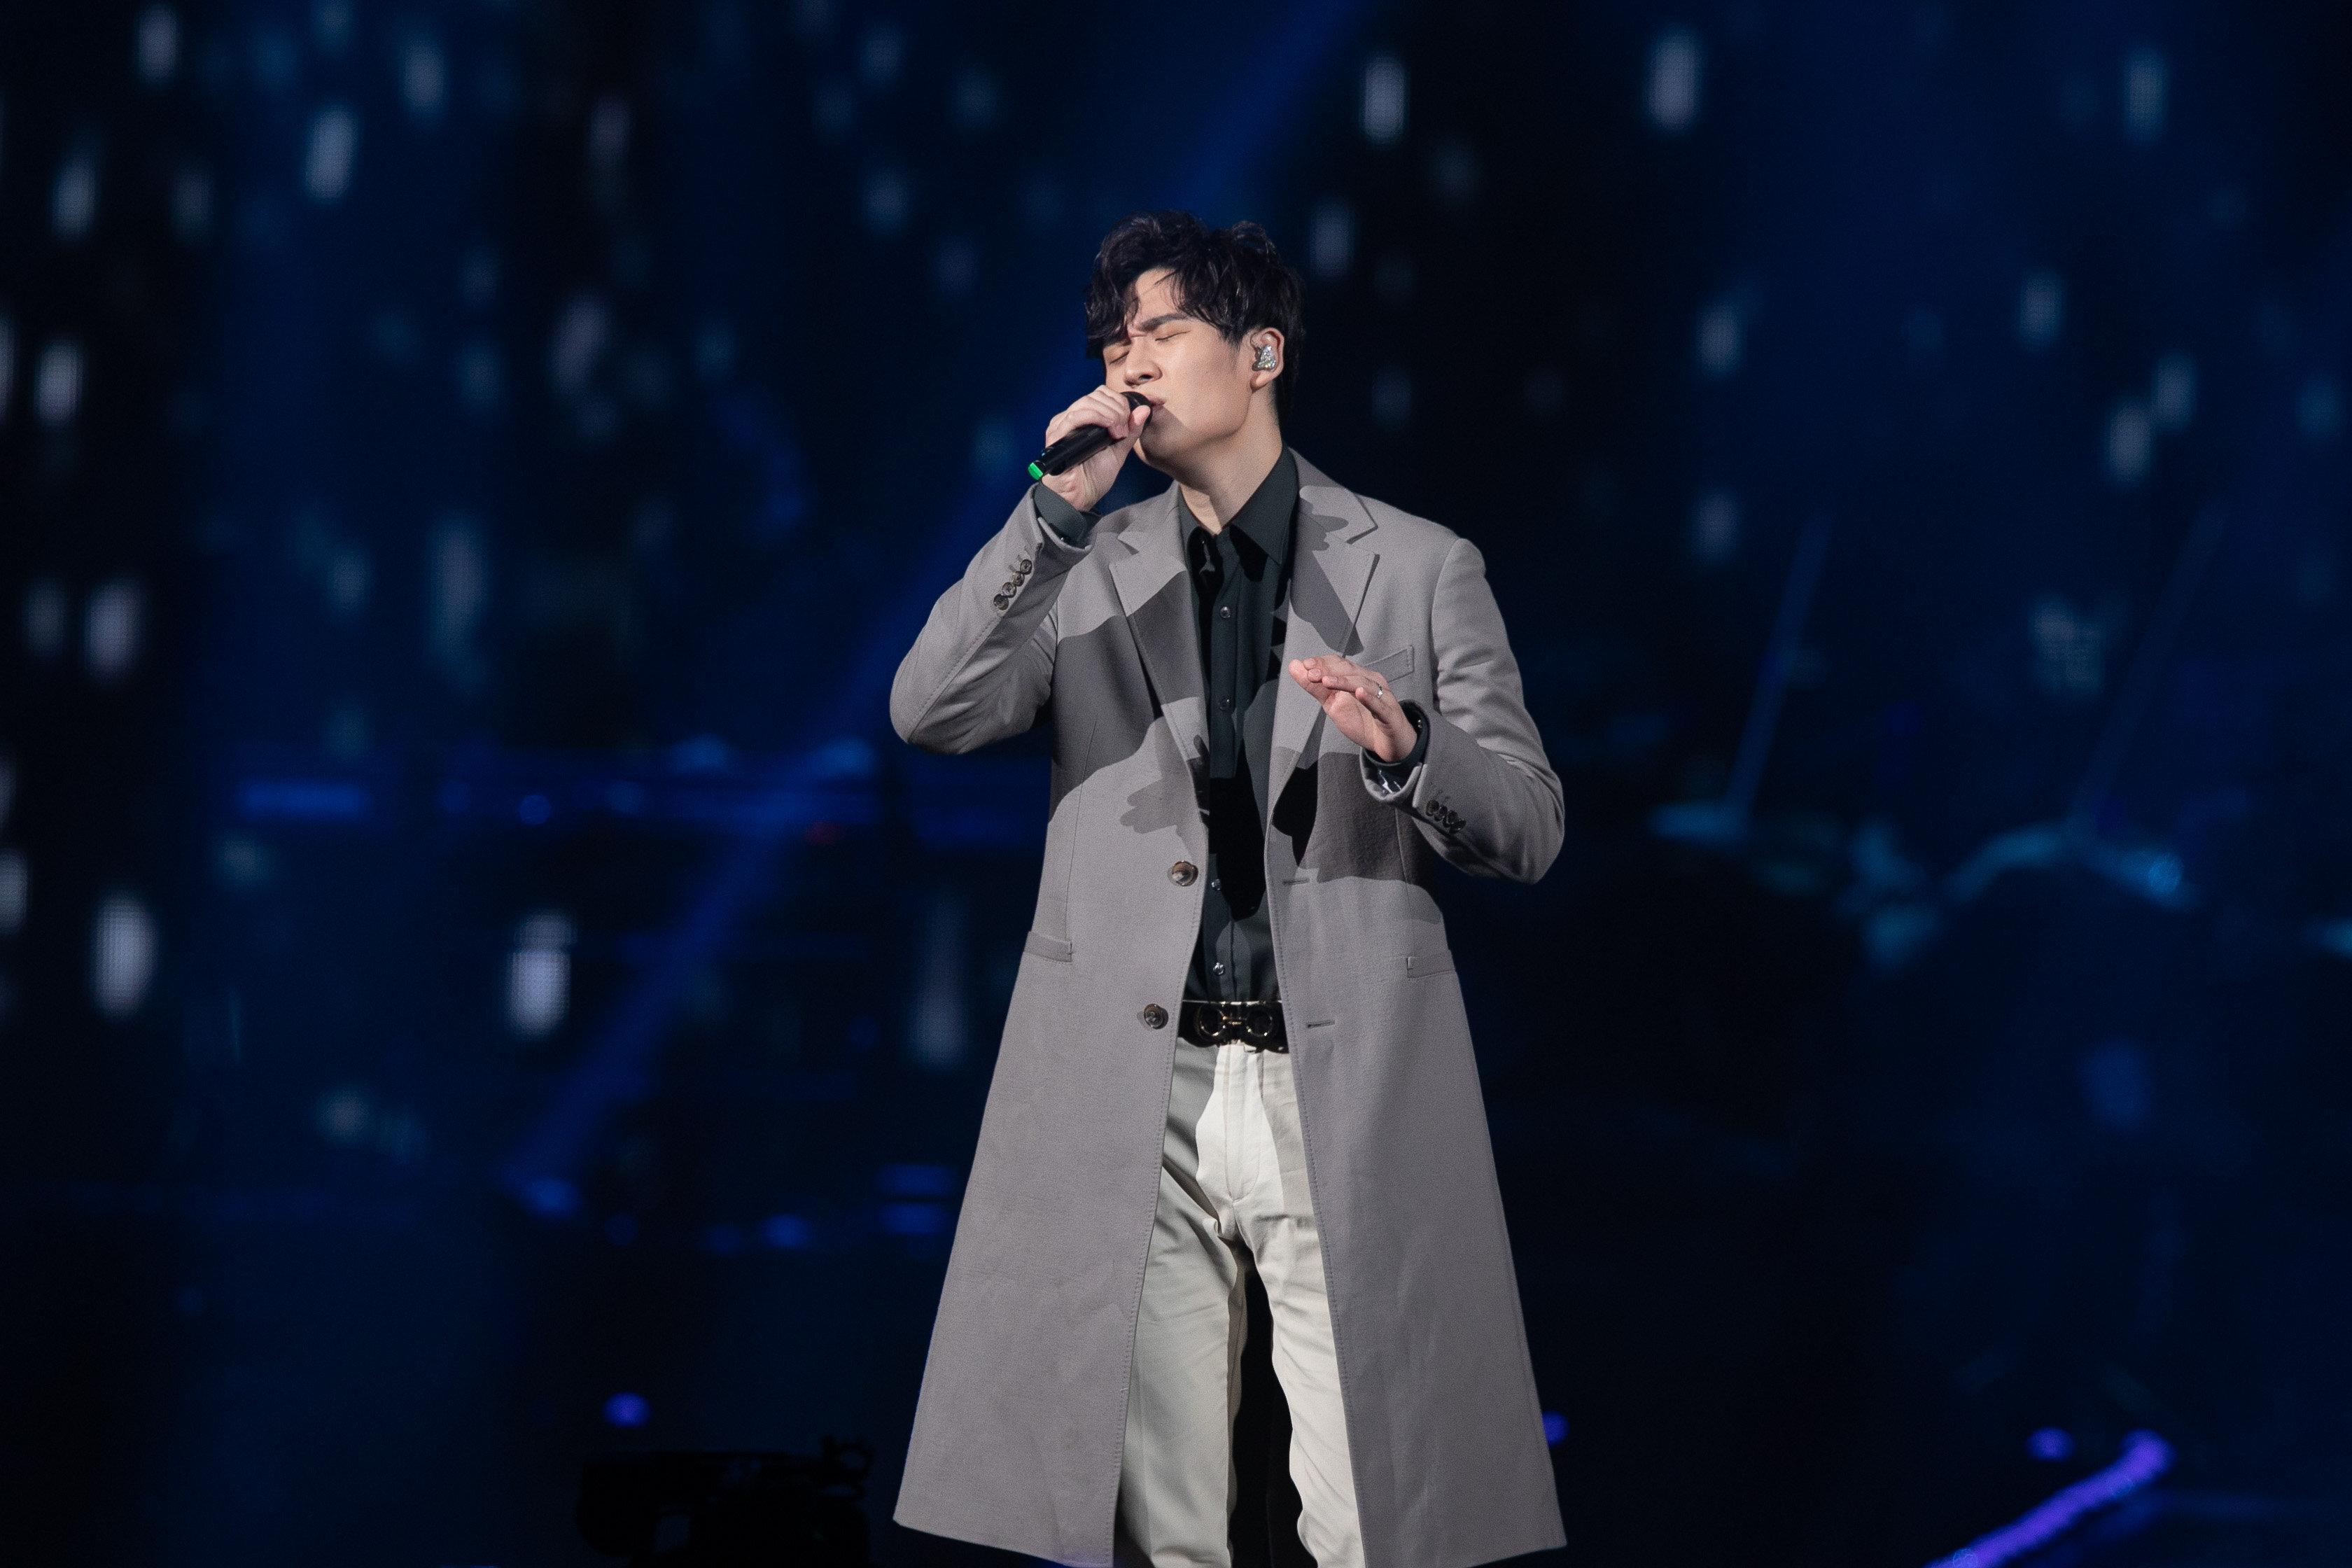 【精彩片段】年度风云歌手 周兴哲 Eric Chou